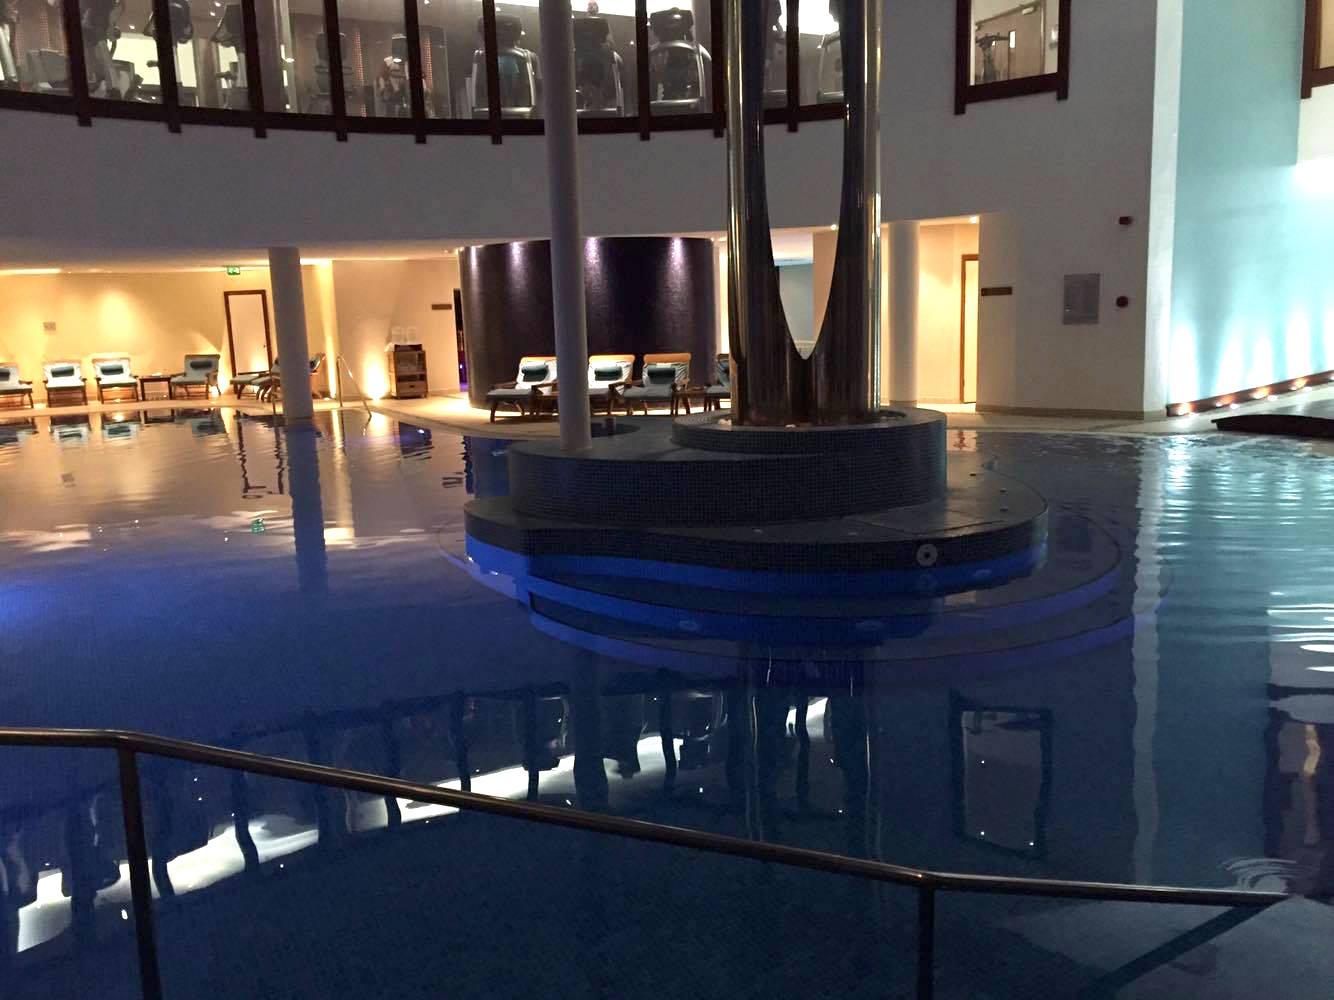 serenity spa poolområde elinfagerberg.se